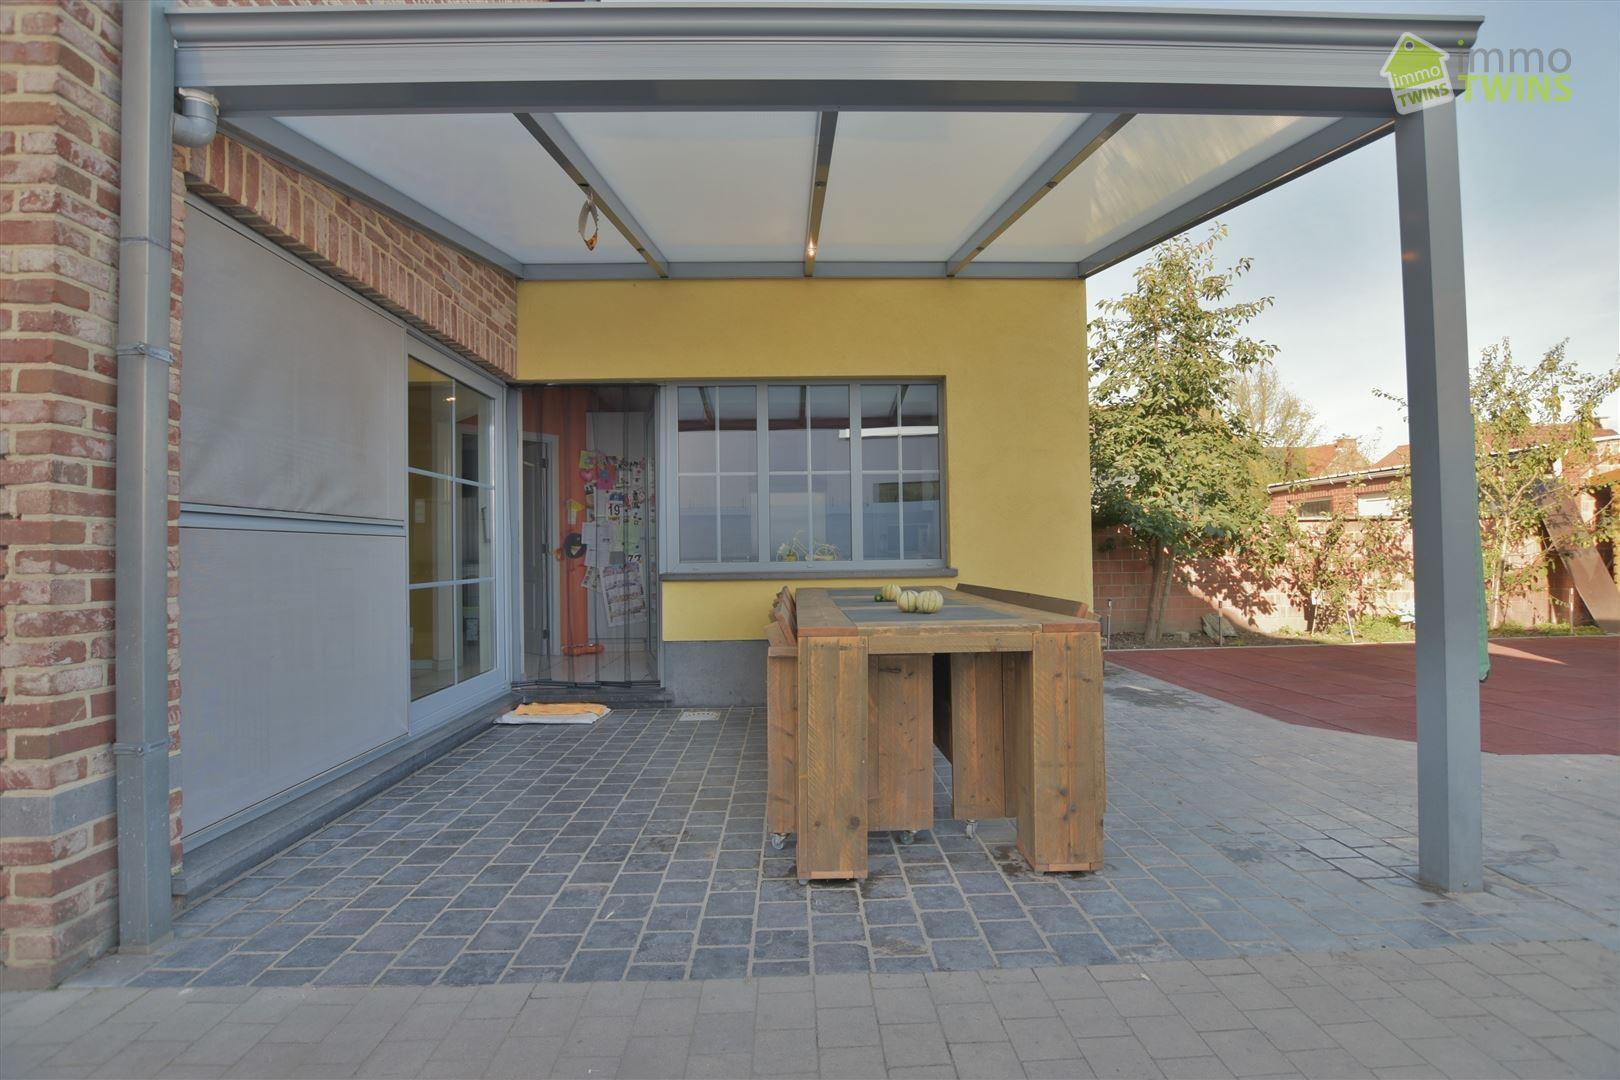 Foto 7 : Huis te 9200 BAASRODE (België) - Prijs € 349.000